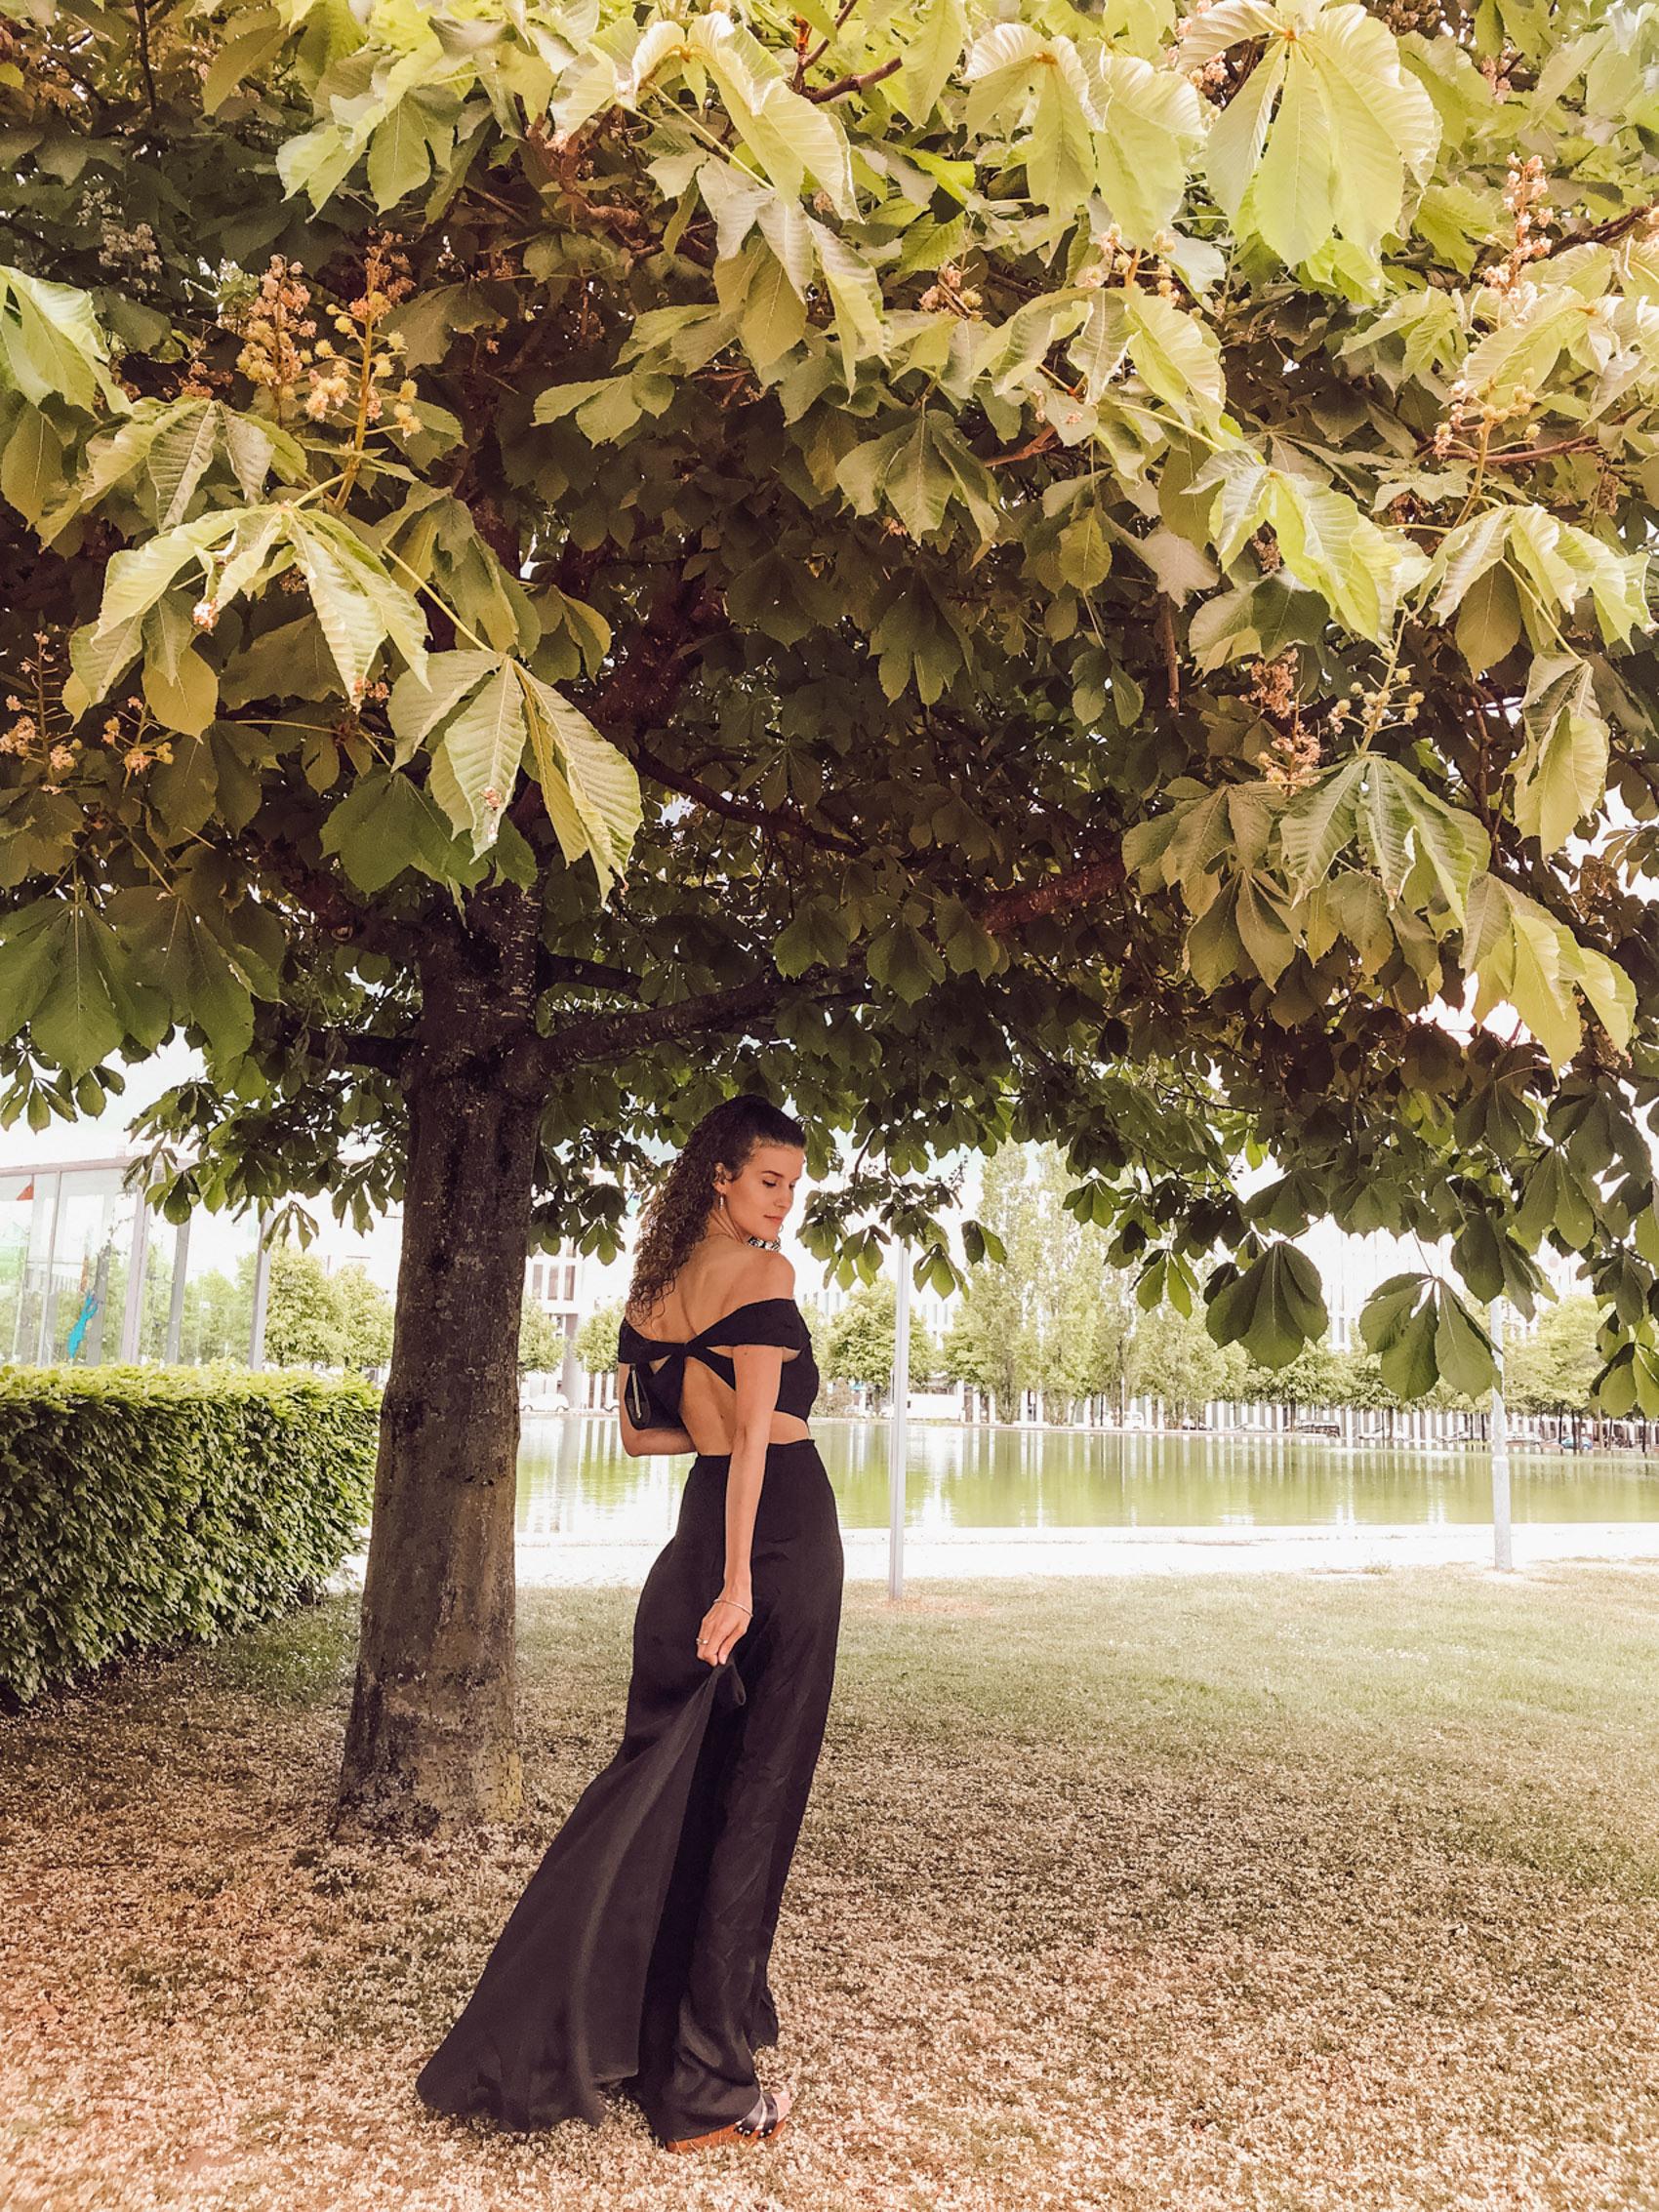 10 Einzigartig Abendkleider Nachhaltig Stylish20 Ausgezeichnet Abendkleider Nachhaltig für 2019